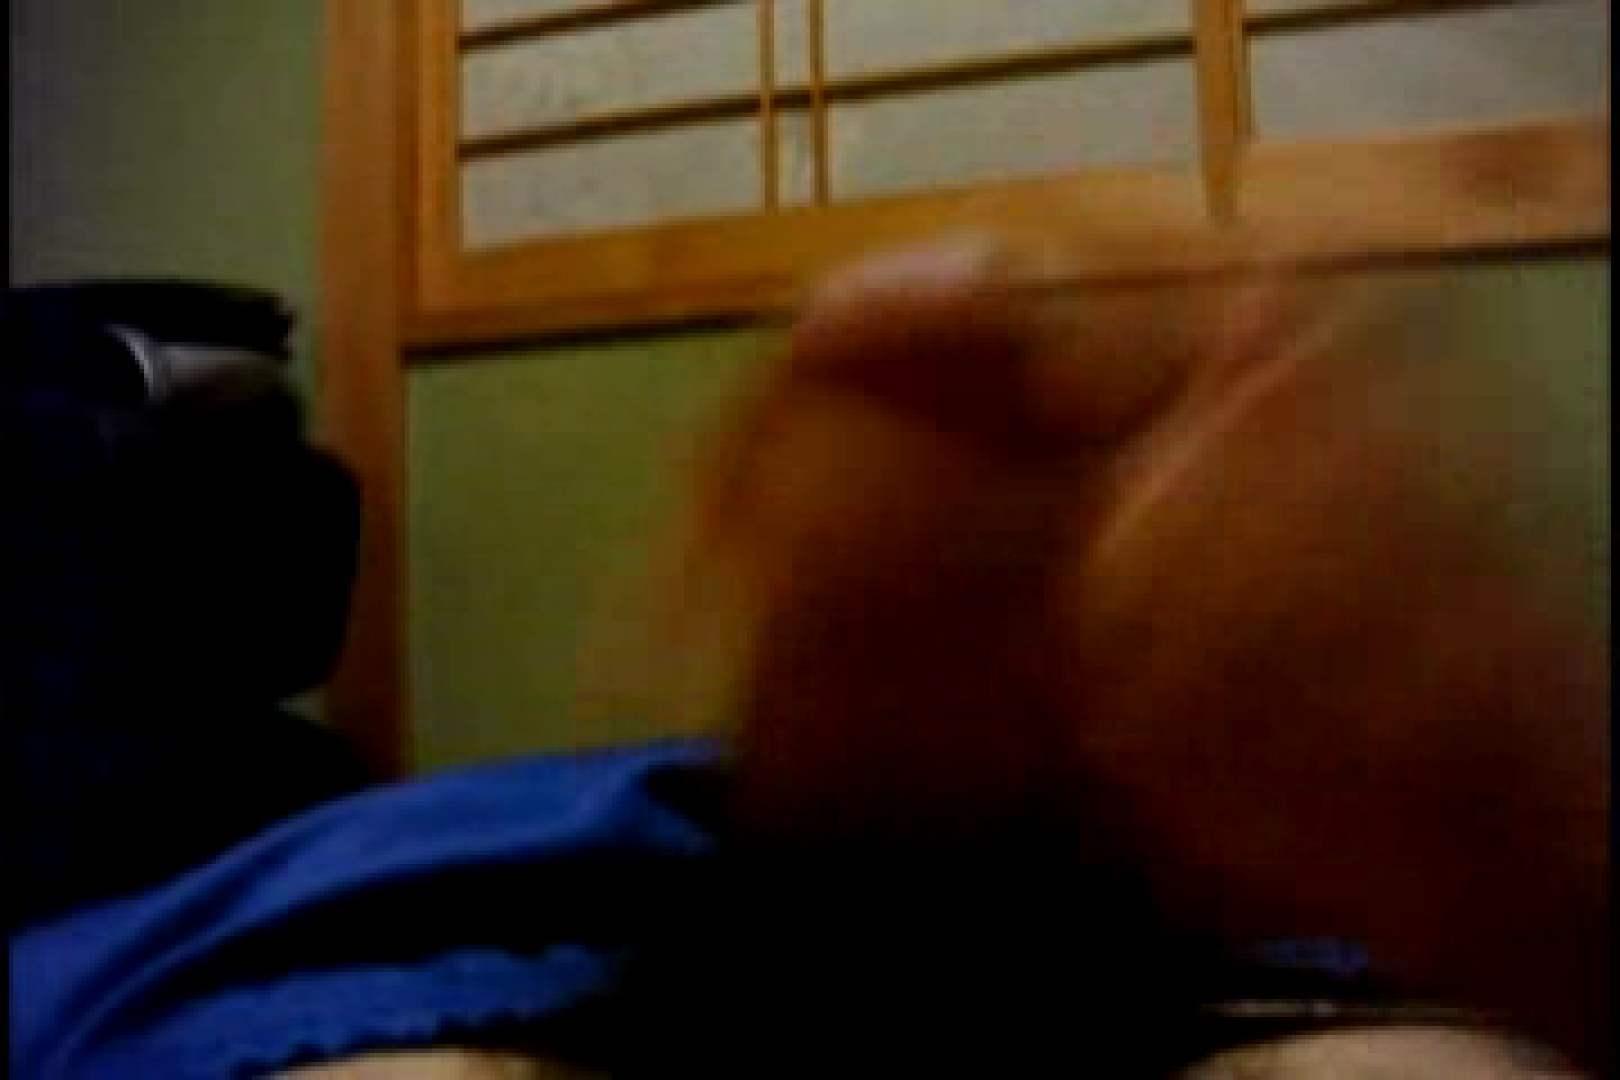 オナ好きノンケテニス部員の自画撮り投稿vol.02 射精 GAY無修正エロ動画 76枚 3